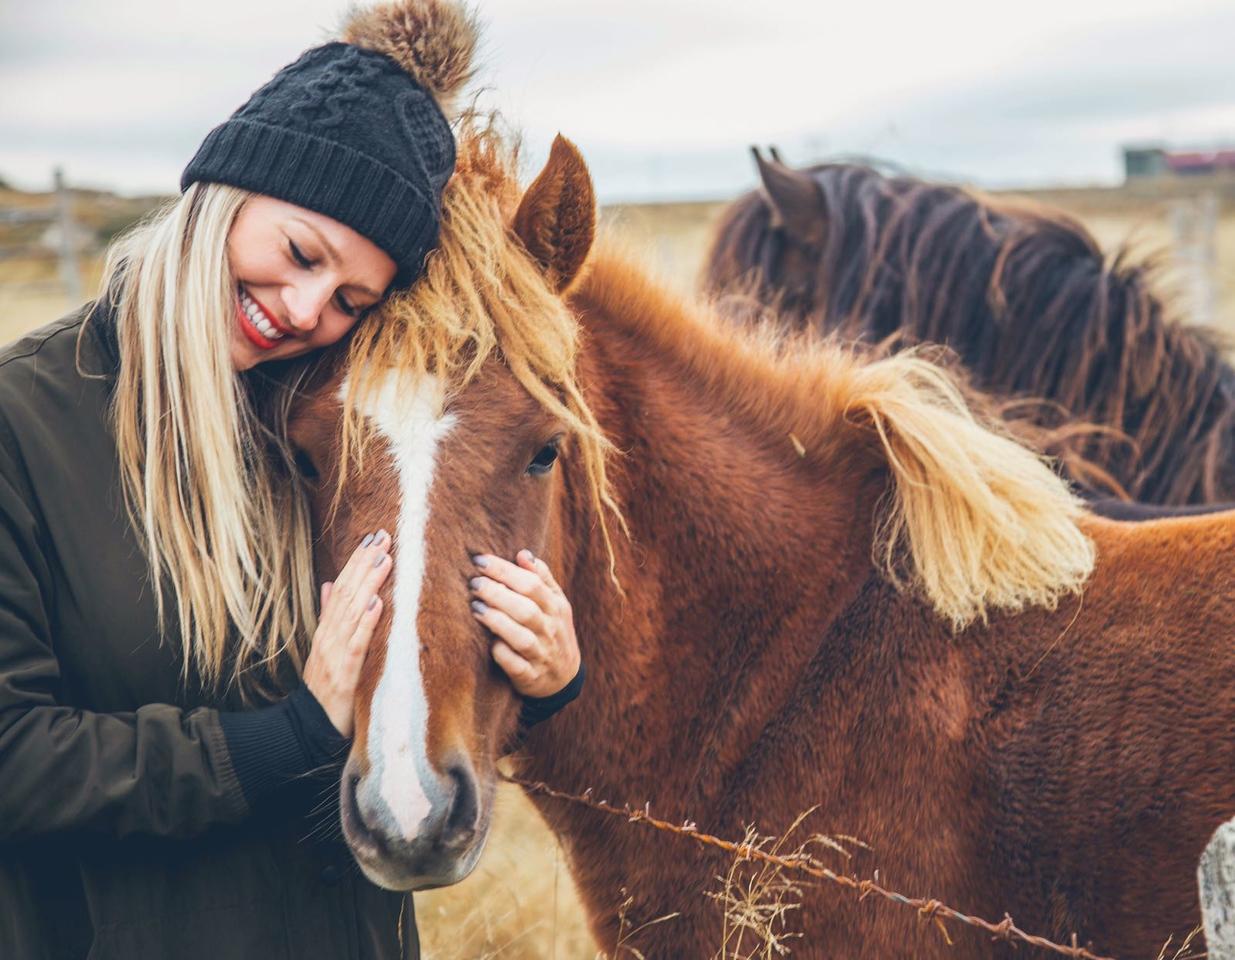 Iceland's Horses